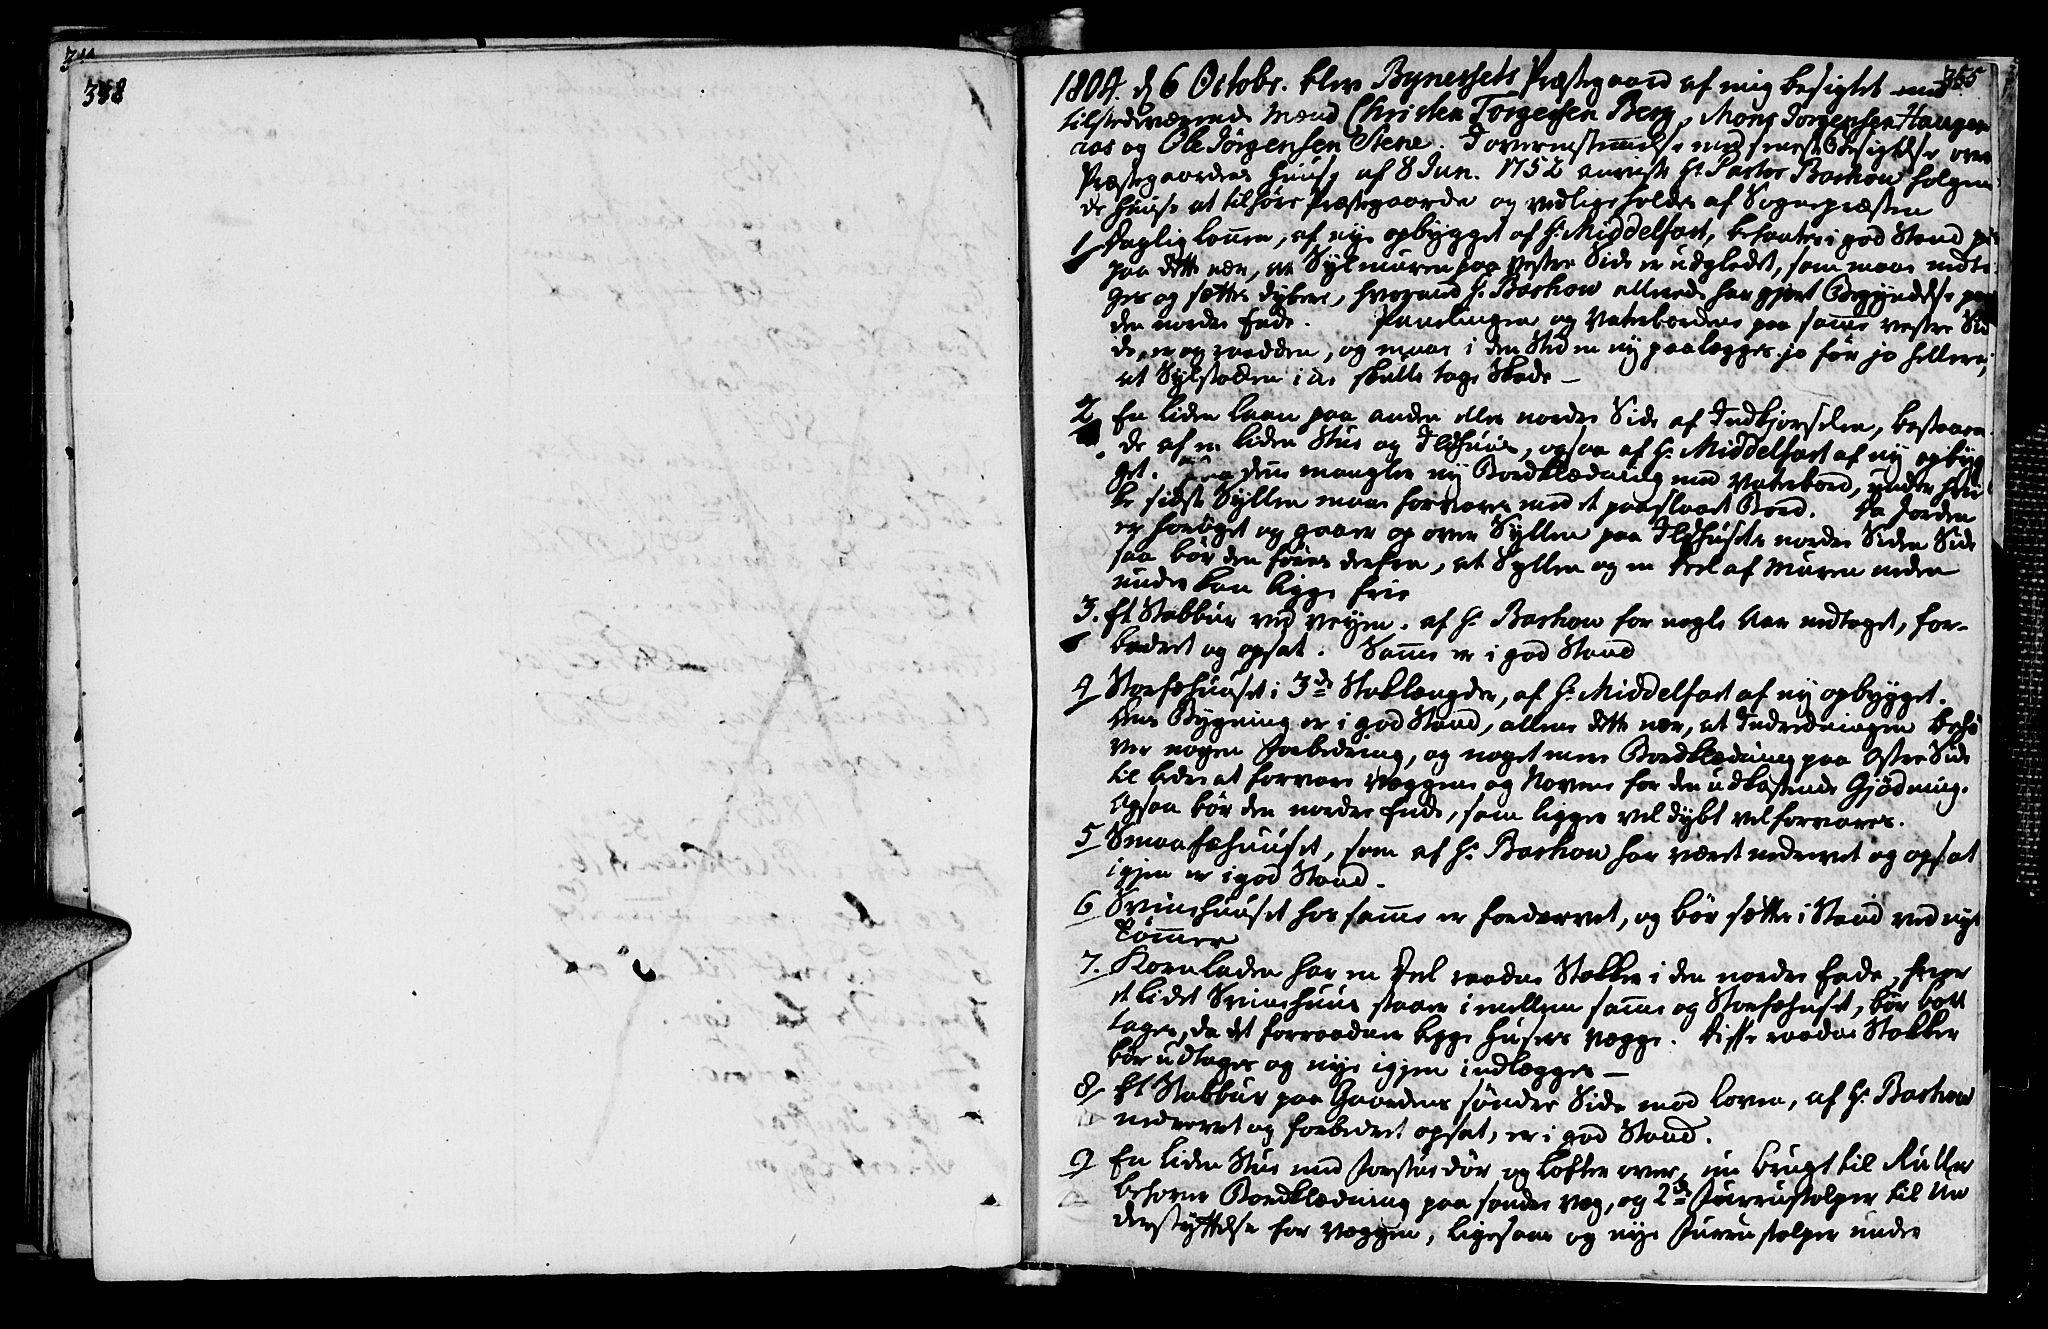 SAT, Ministerialprotokoller, klokkerbøker og fødselsregistre - Sør-Trøndelag, 612/L0371: Ministerialbok nr. 612A05, 1803-1816, s. 338-355